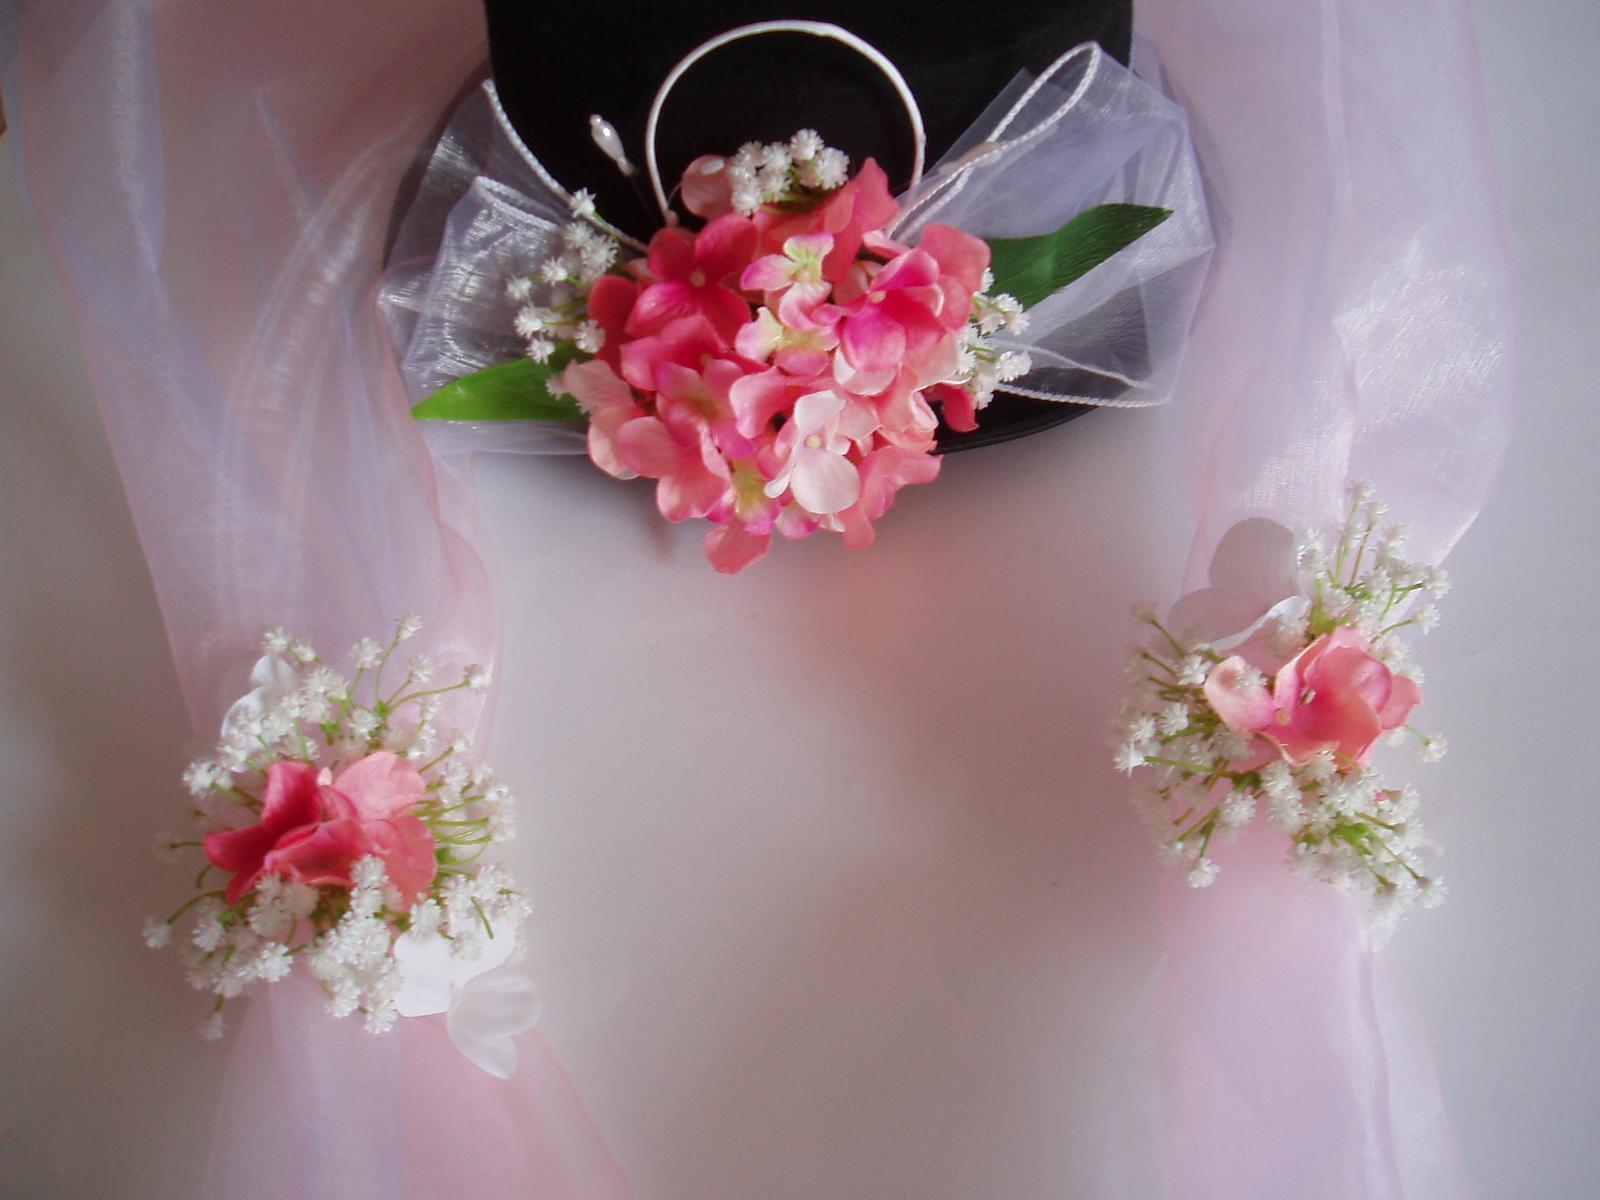 cylindr-růžová hortenzie - Obrázek č. 4